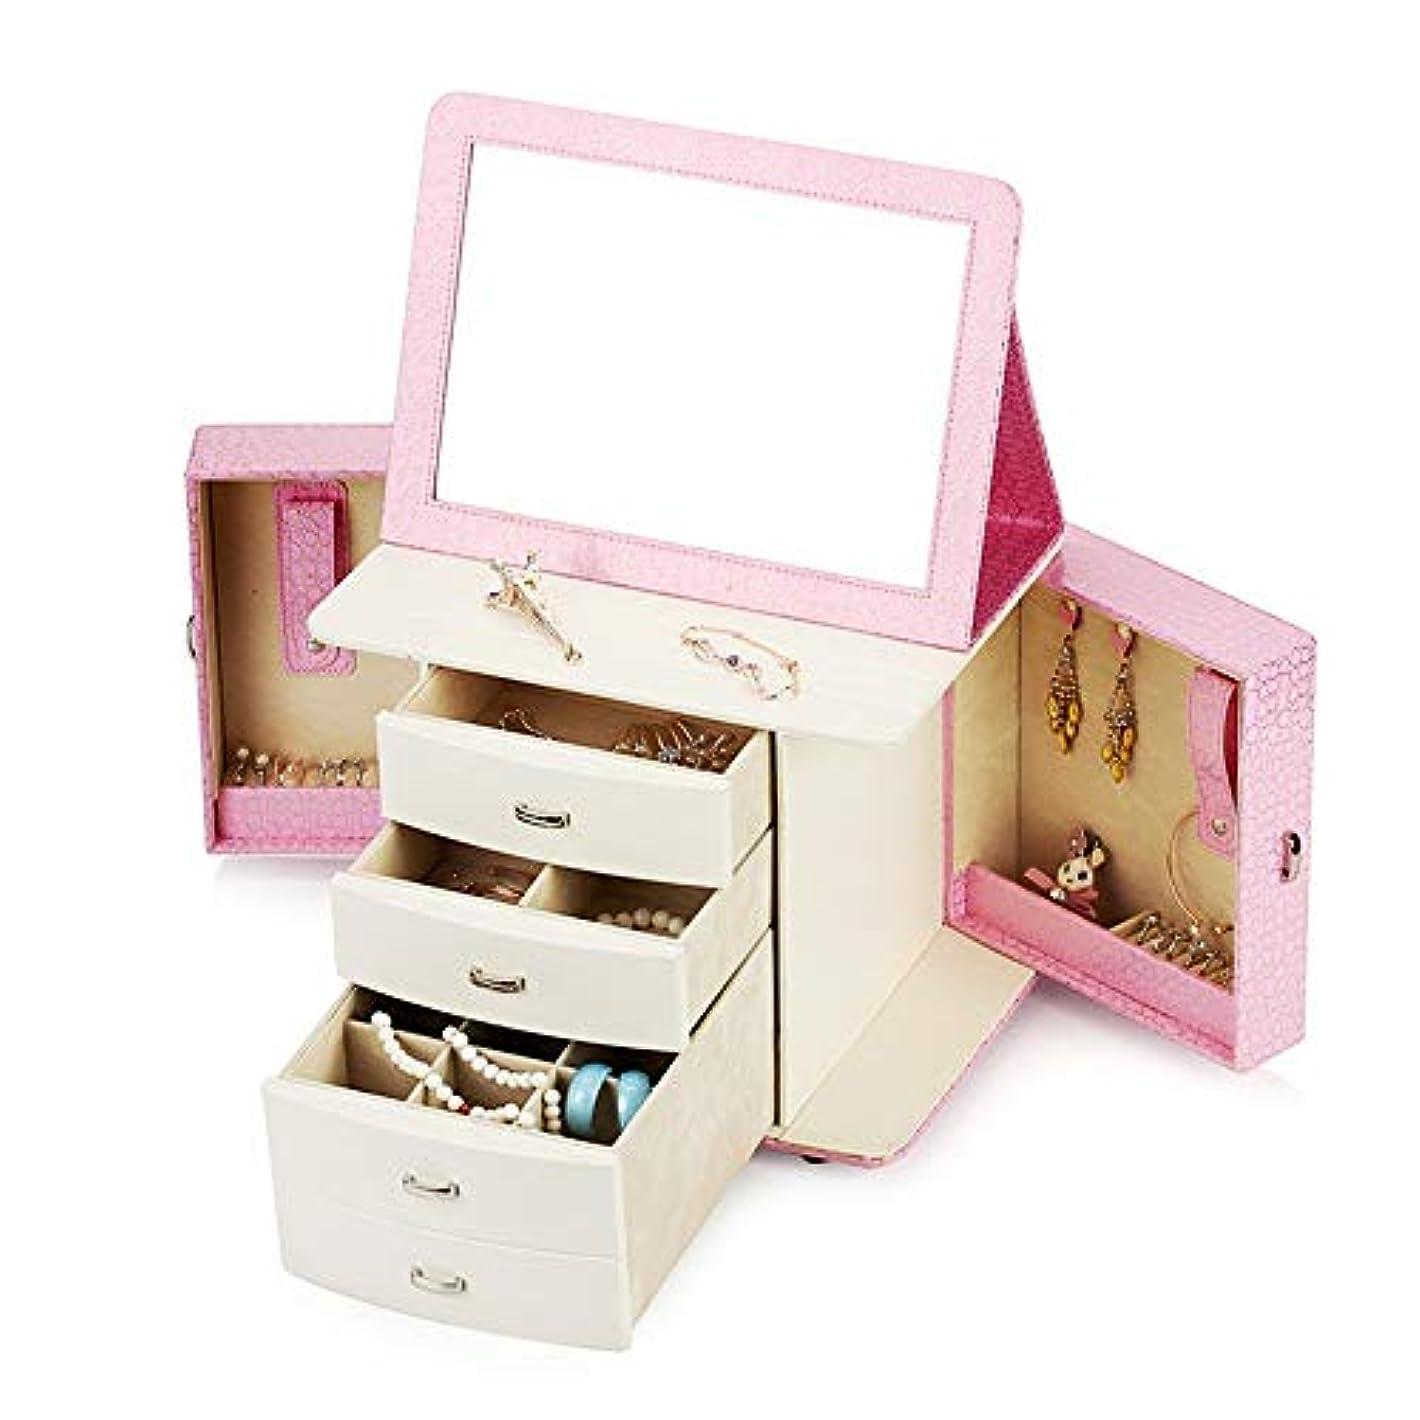 分離権限ピアノを弾く化粧オーガナイザーバッグ 女性用ジュエリー収納ボックス小物収納用多層引き出し付 化粧品ケース